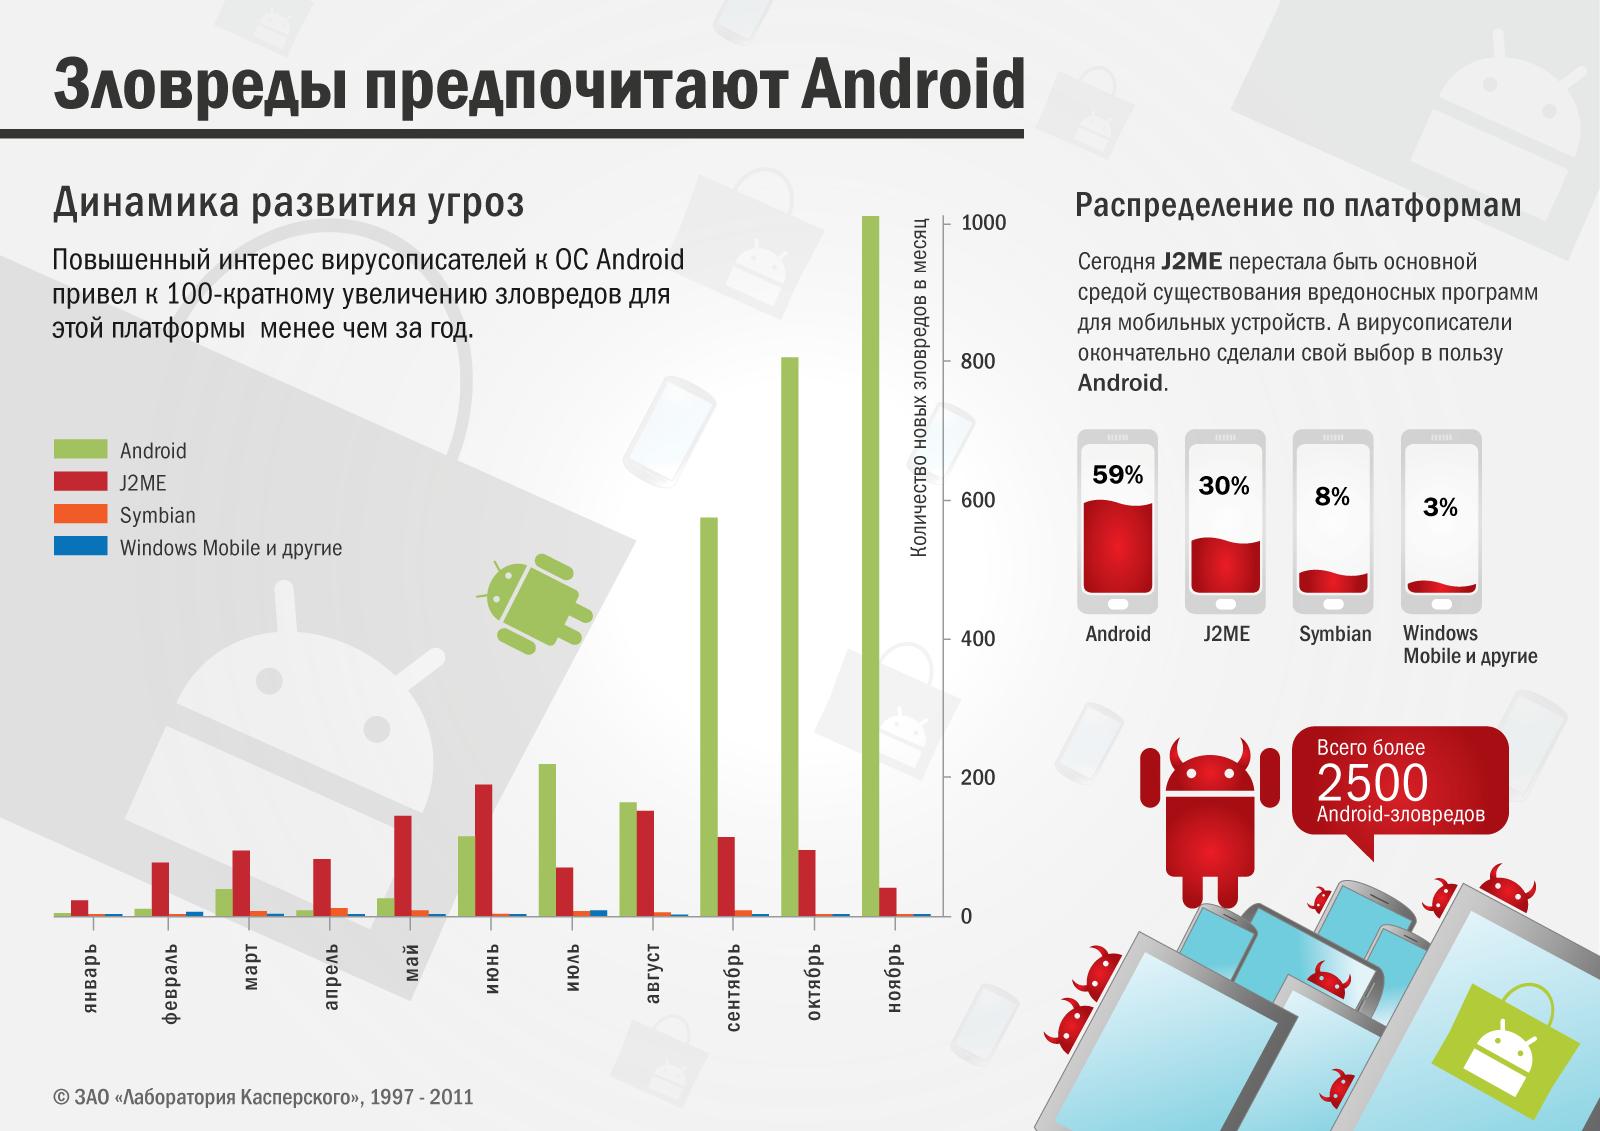 Основной платформой для распространения мобильных вирусов стала Android